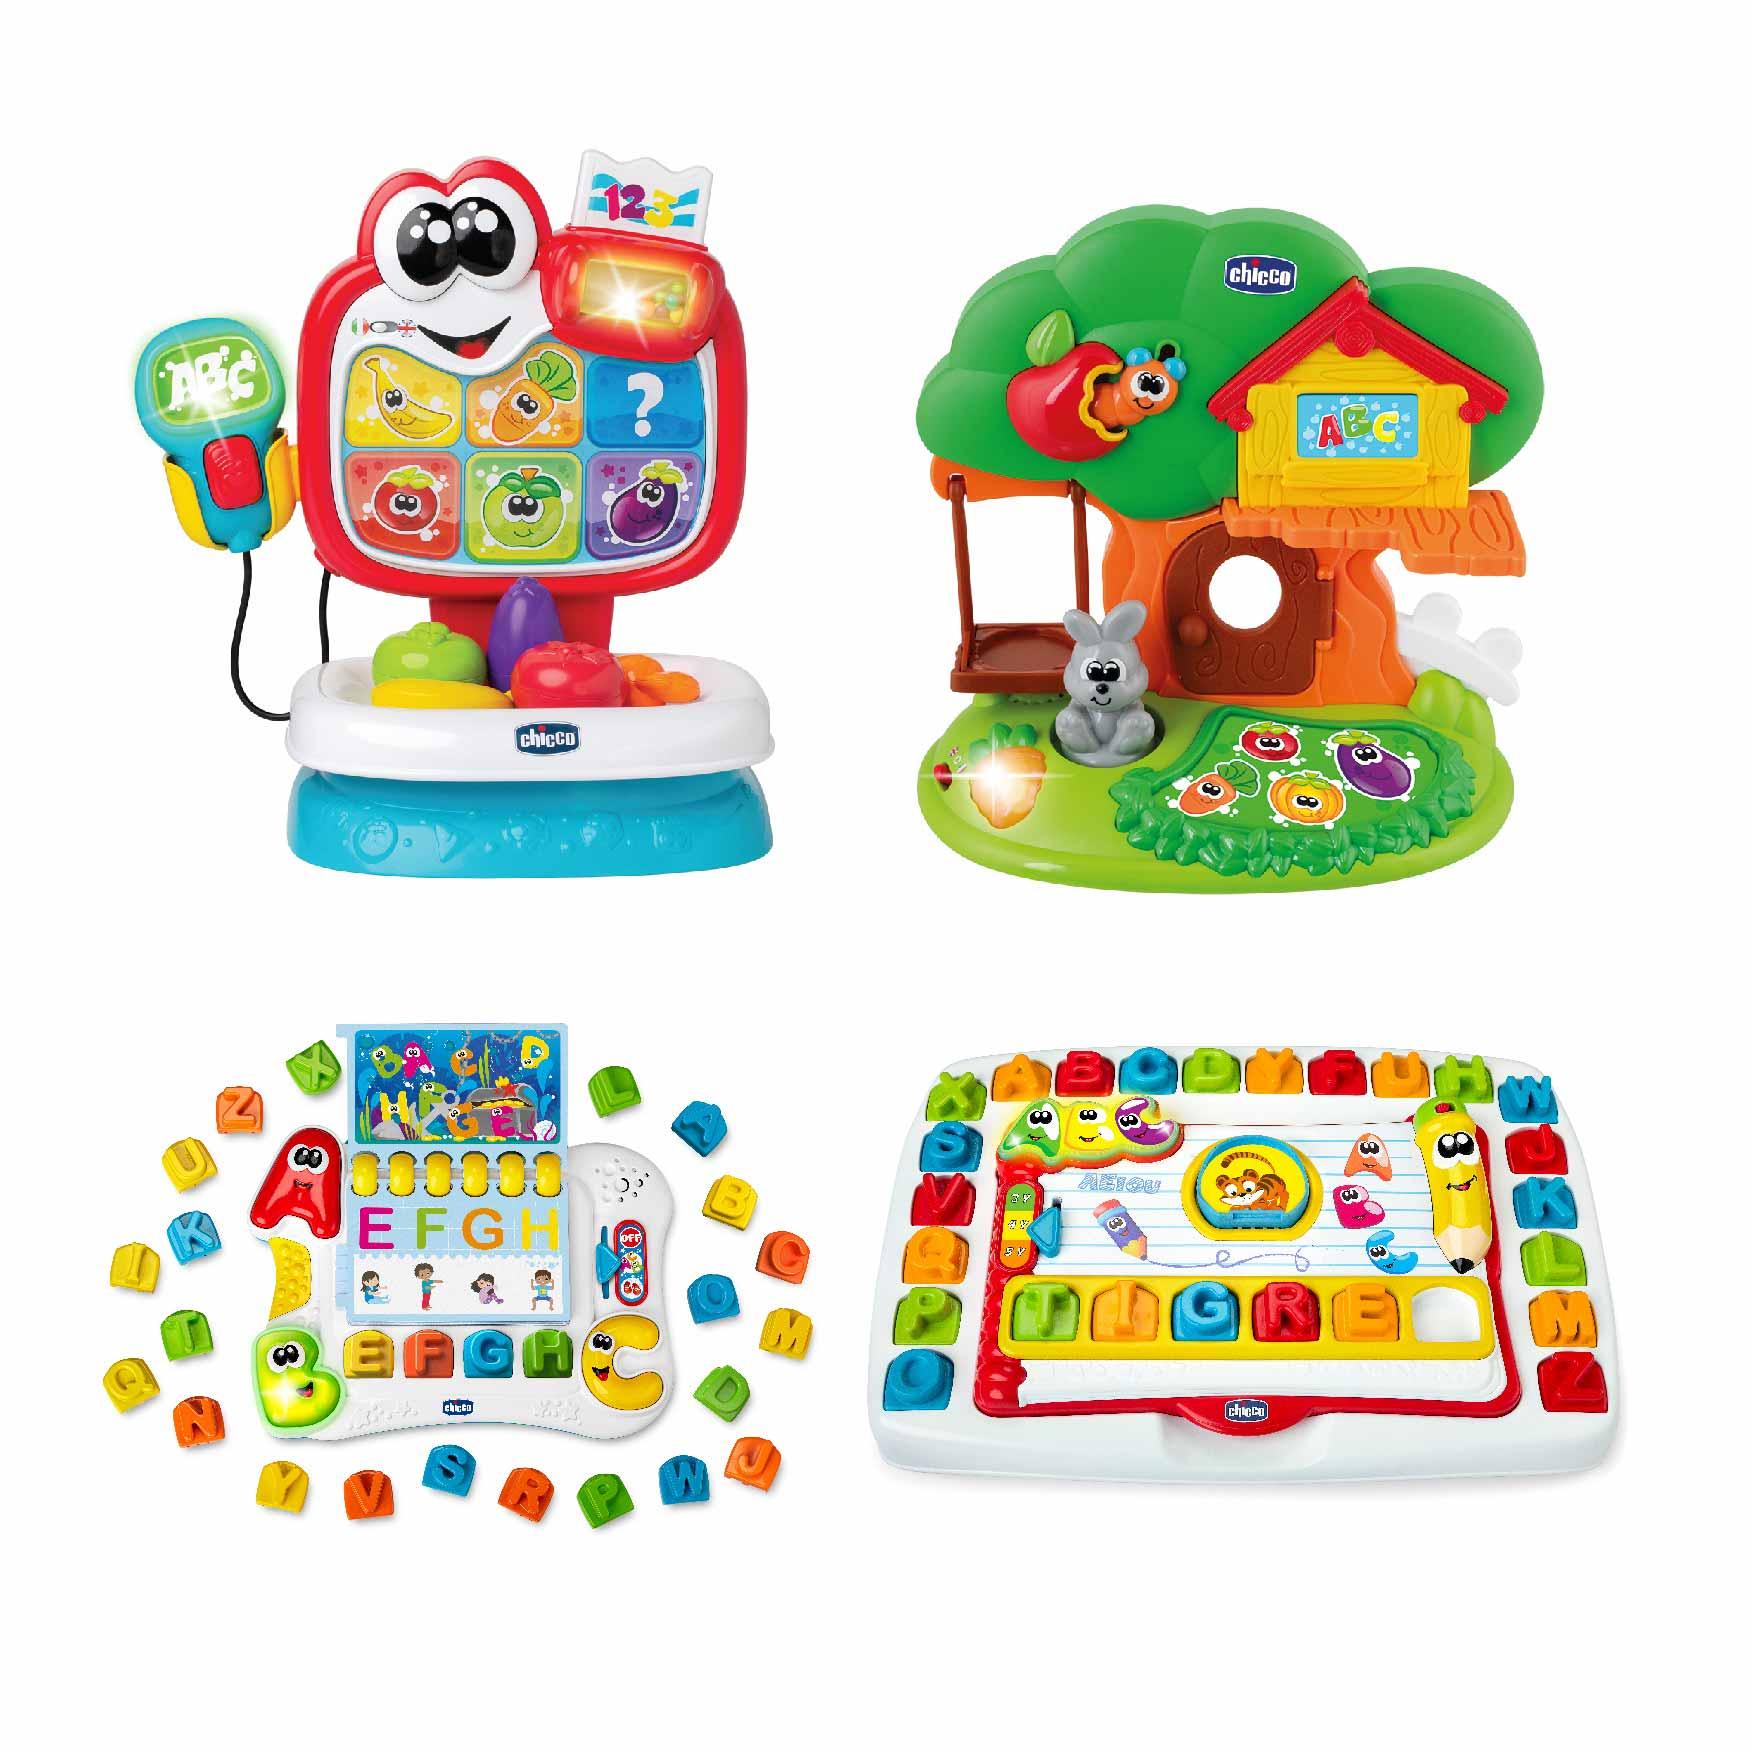 Brinquedos educativos e bilingues